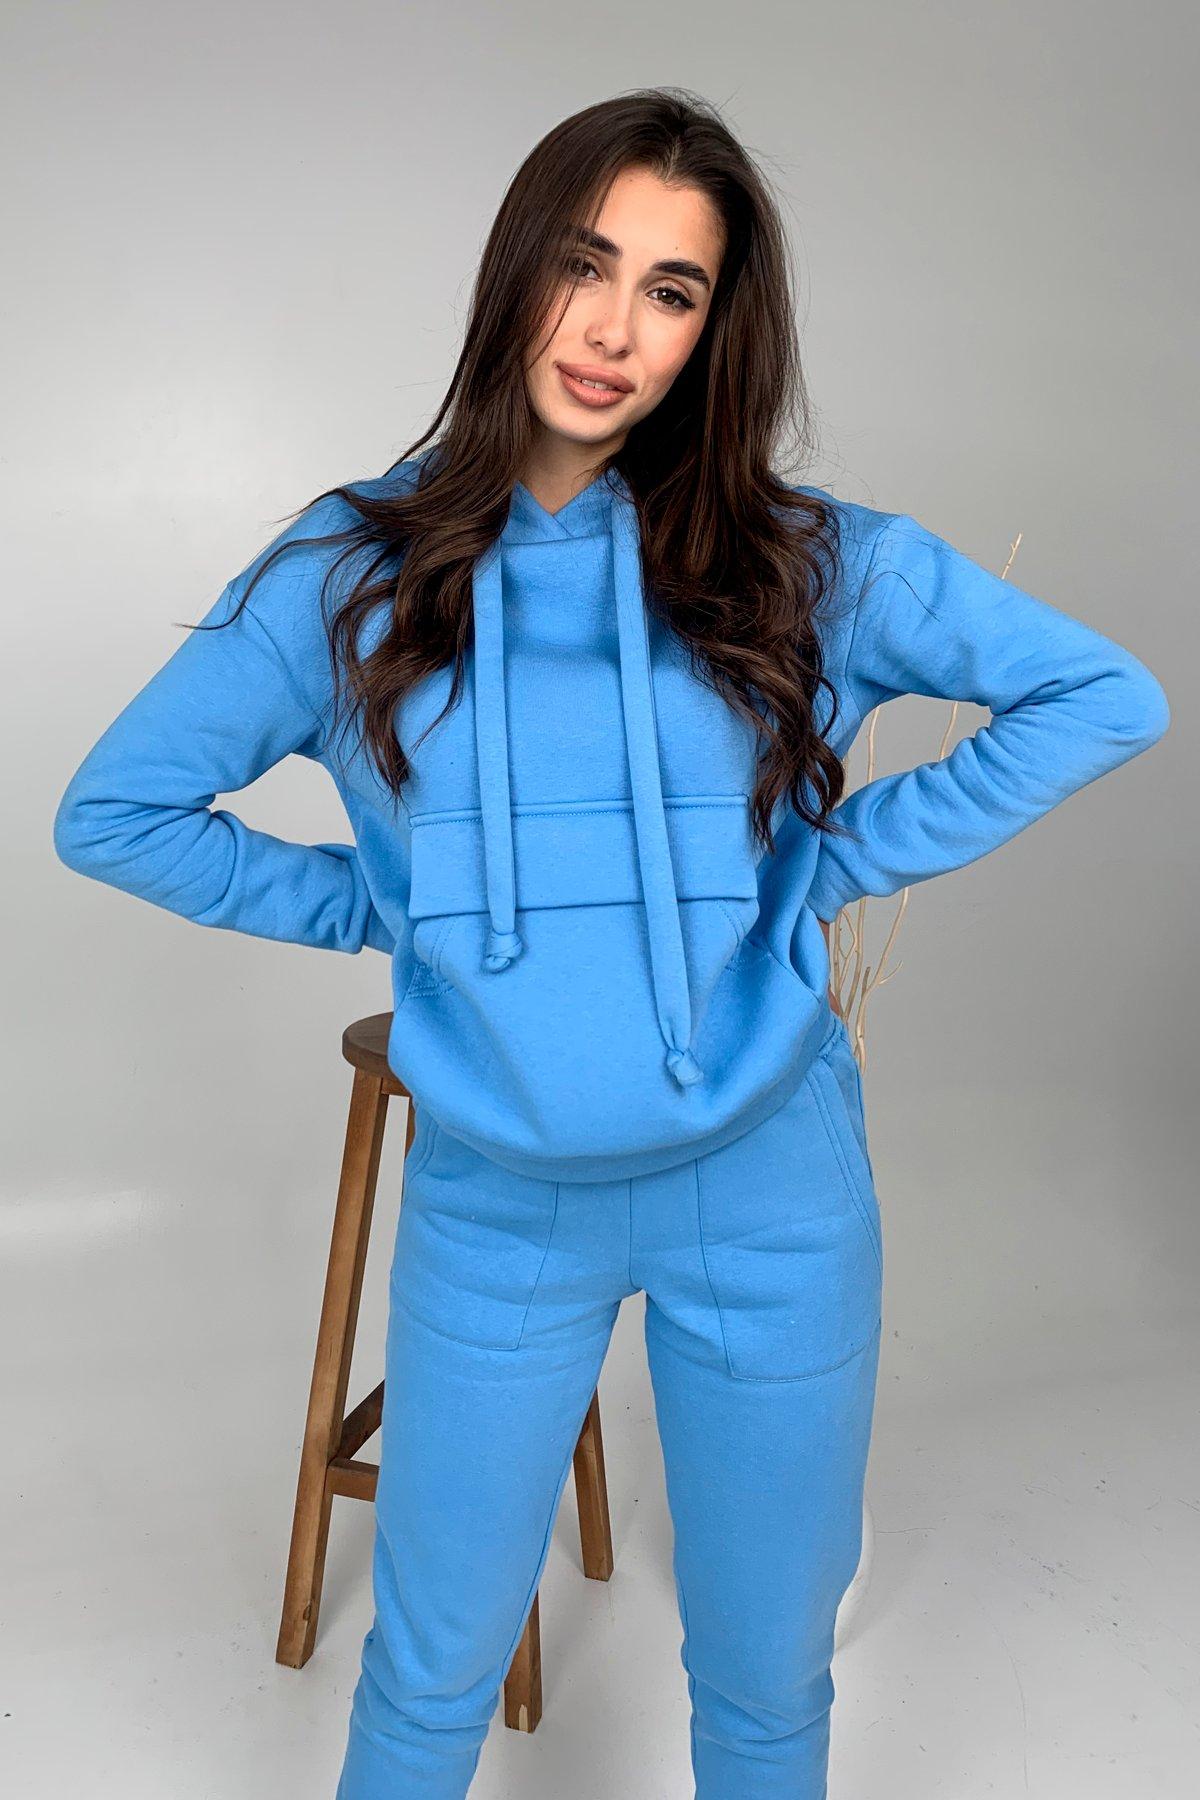 Бруклин  прогулочный костюм 3х нитка с начесом  9663 АРТ. 46462 Цвет: Голубой 1 - фото 1, интернет магазин tm-modus.ru